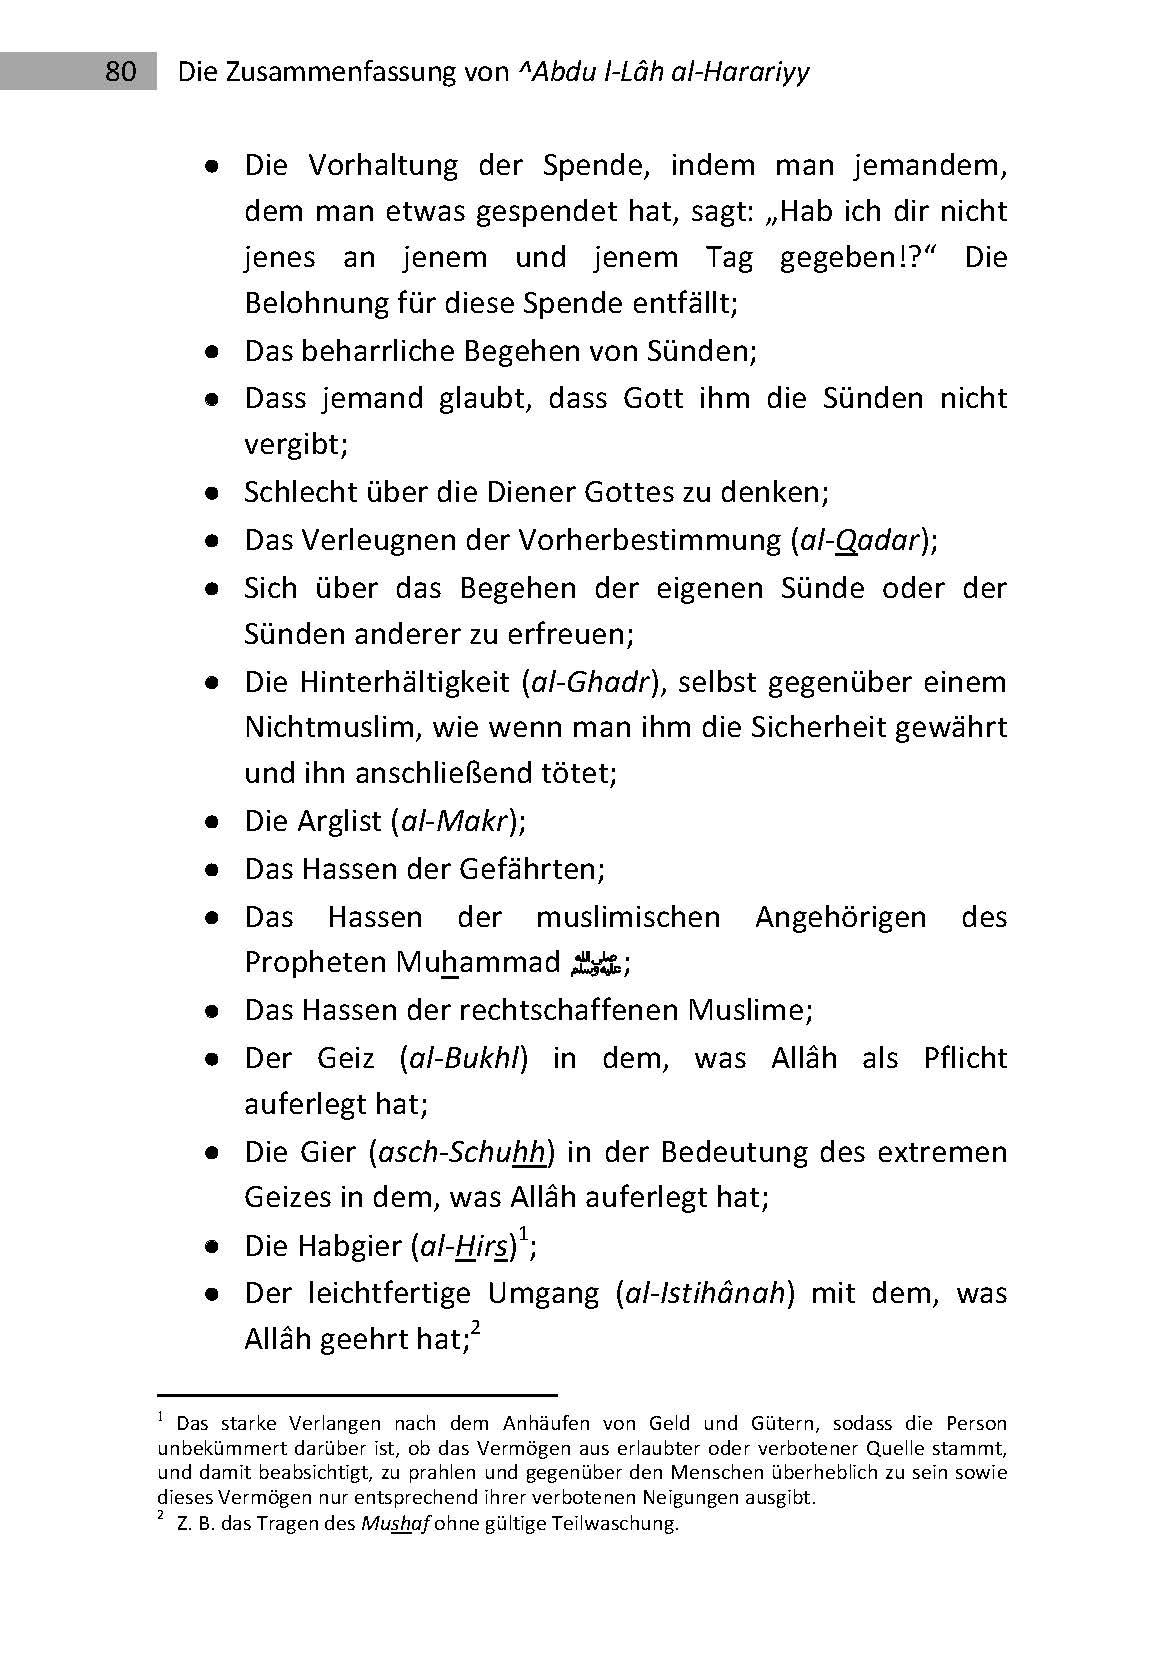 Die Zusammenfassung - 3. Auflage 2014_Seite_80